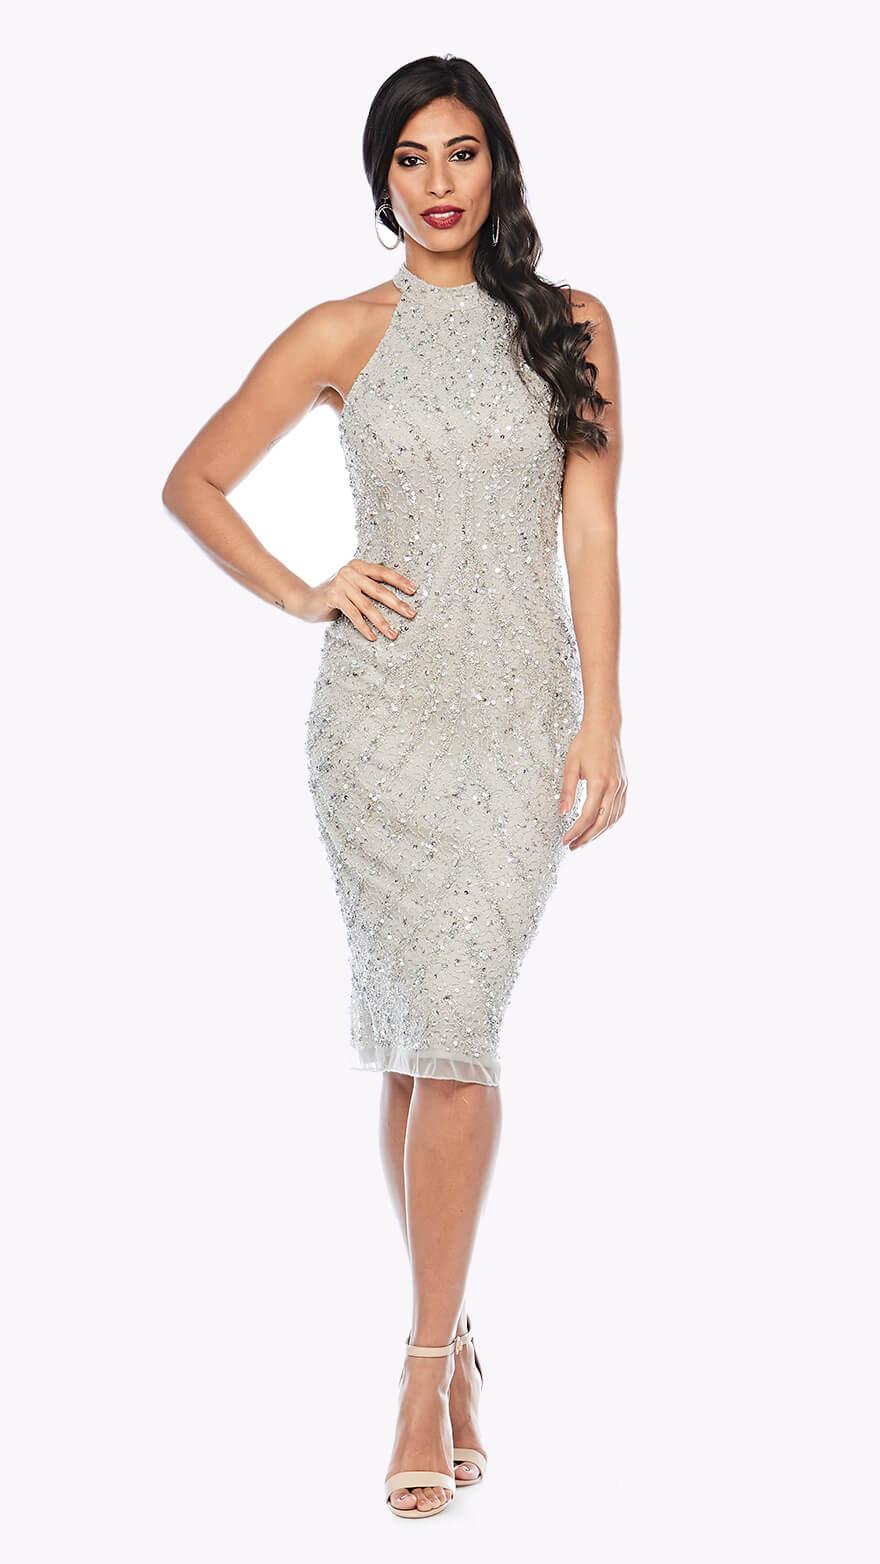 Z0226 Shimmery sequin halter neck cocktail dress